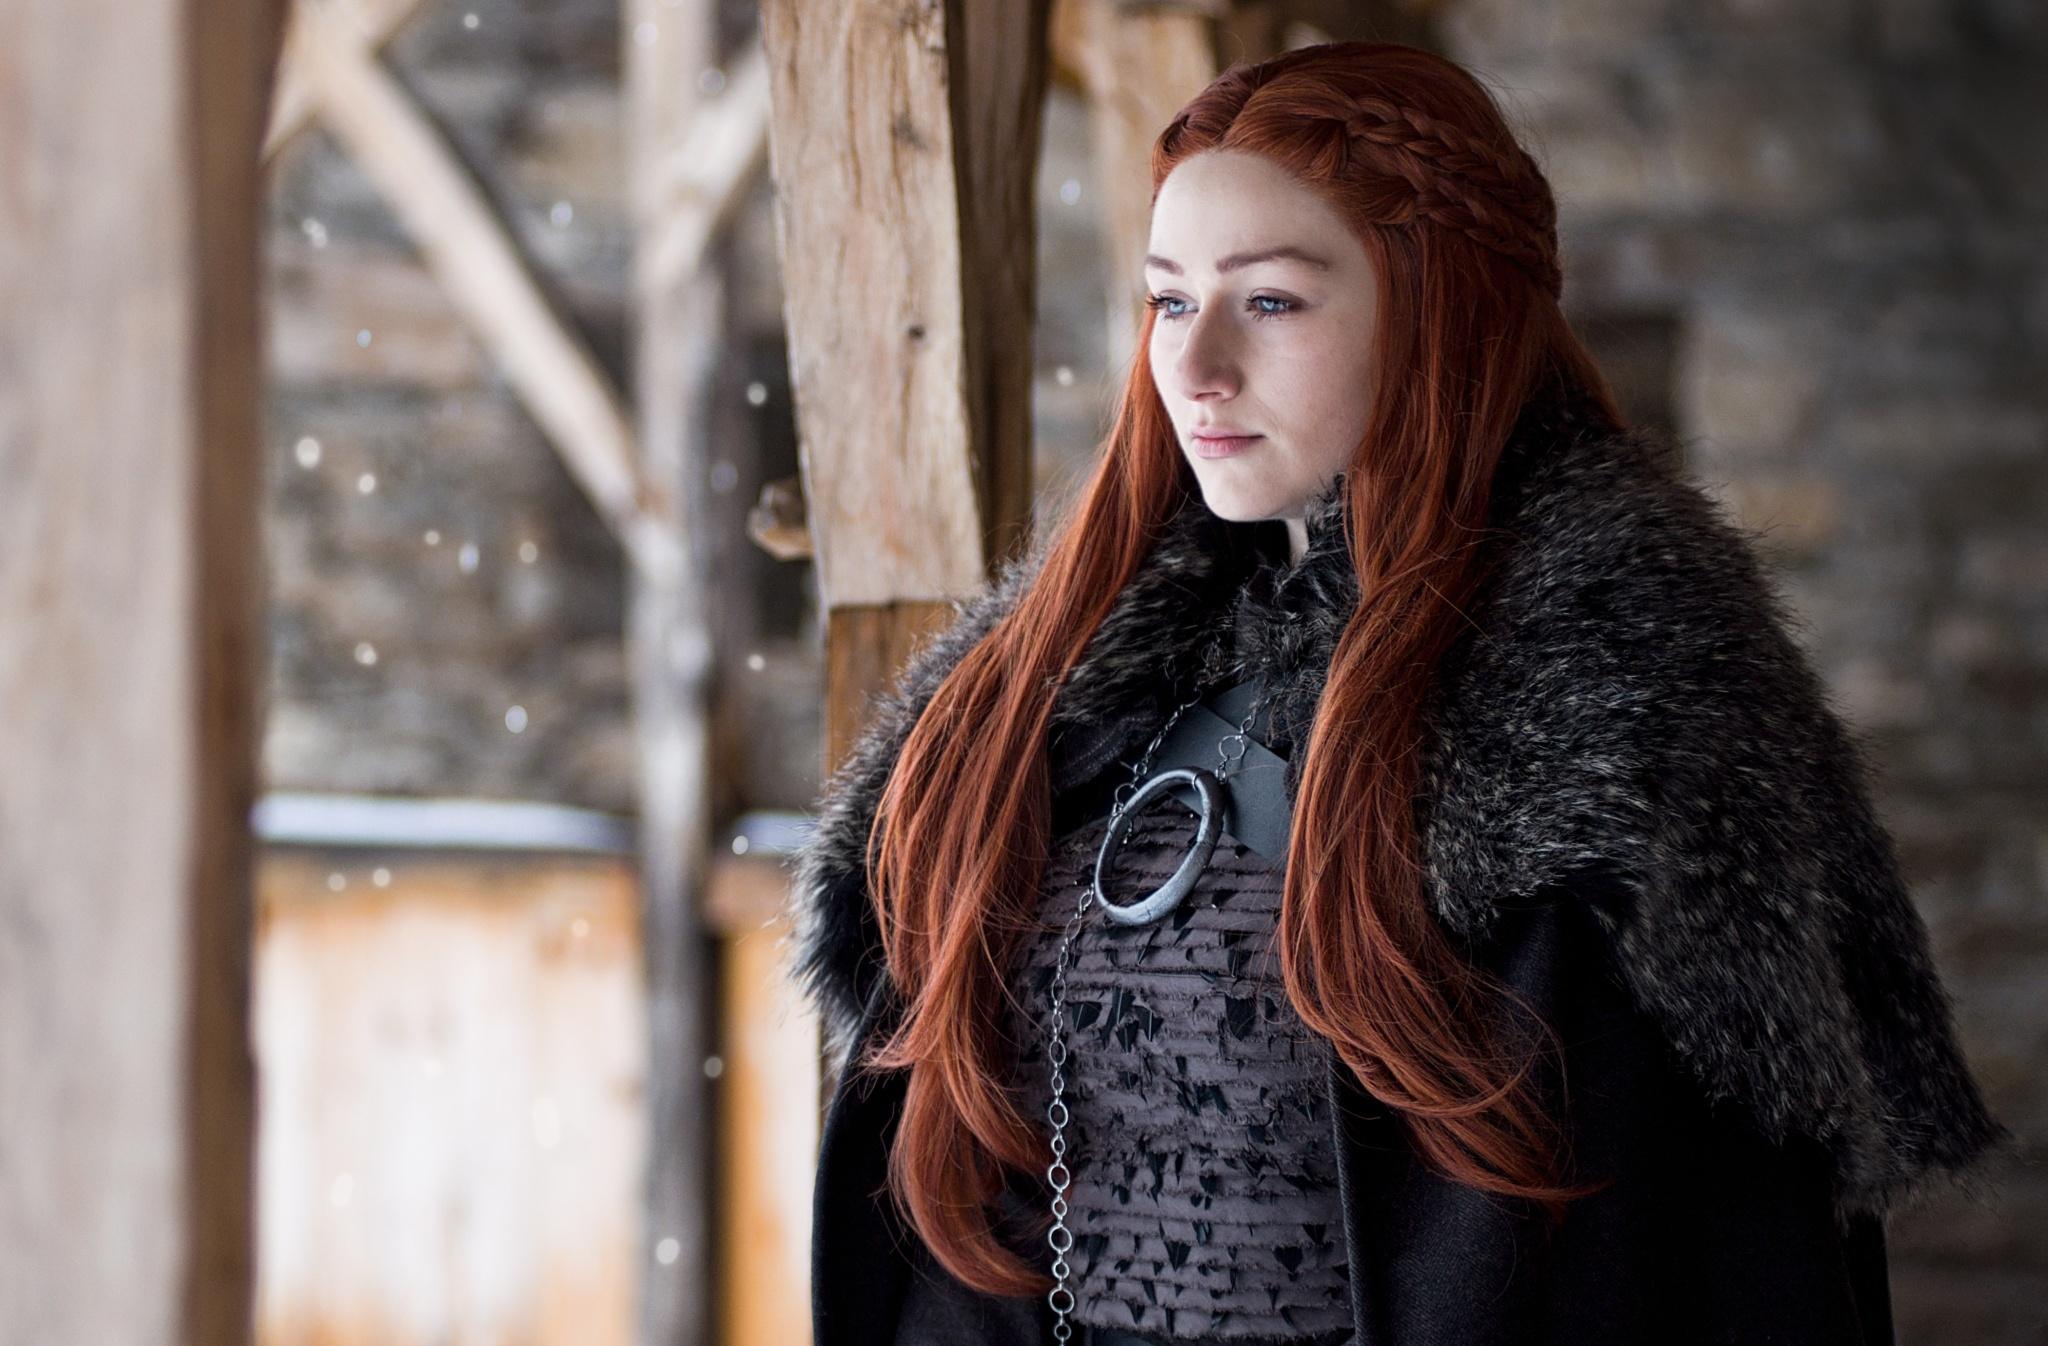 Als ich eine Location suchte, der wie Winterfell aus Game of Thrones aussieht, hatte ich dank des Internets Glück. Model @tynacosplay. Nikon D90, Nikon 80-200 mm F2,8 AF ZOOM-NIKKOR D ED A, 1/320 s, f/2.8, ISO 200, Brennweite 80 mm.